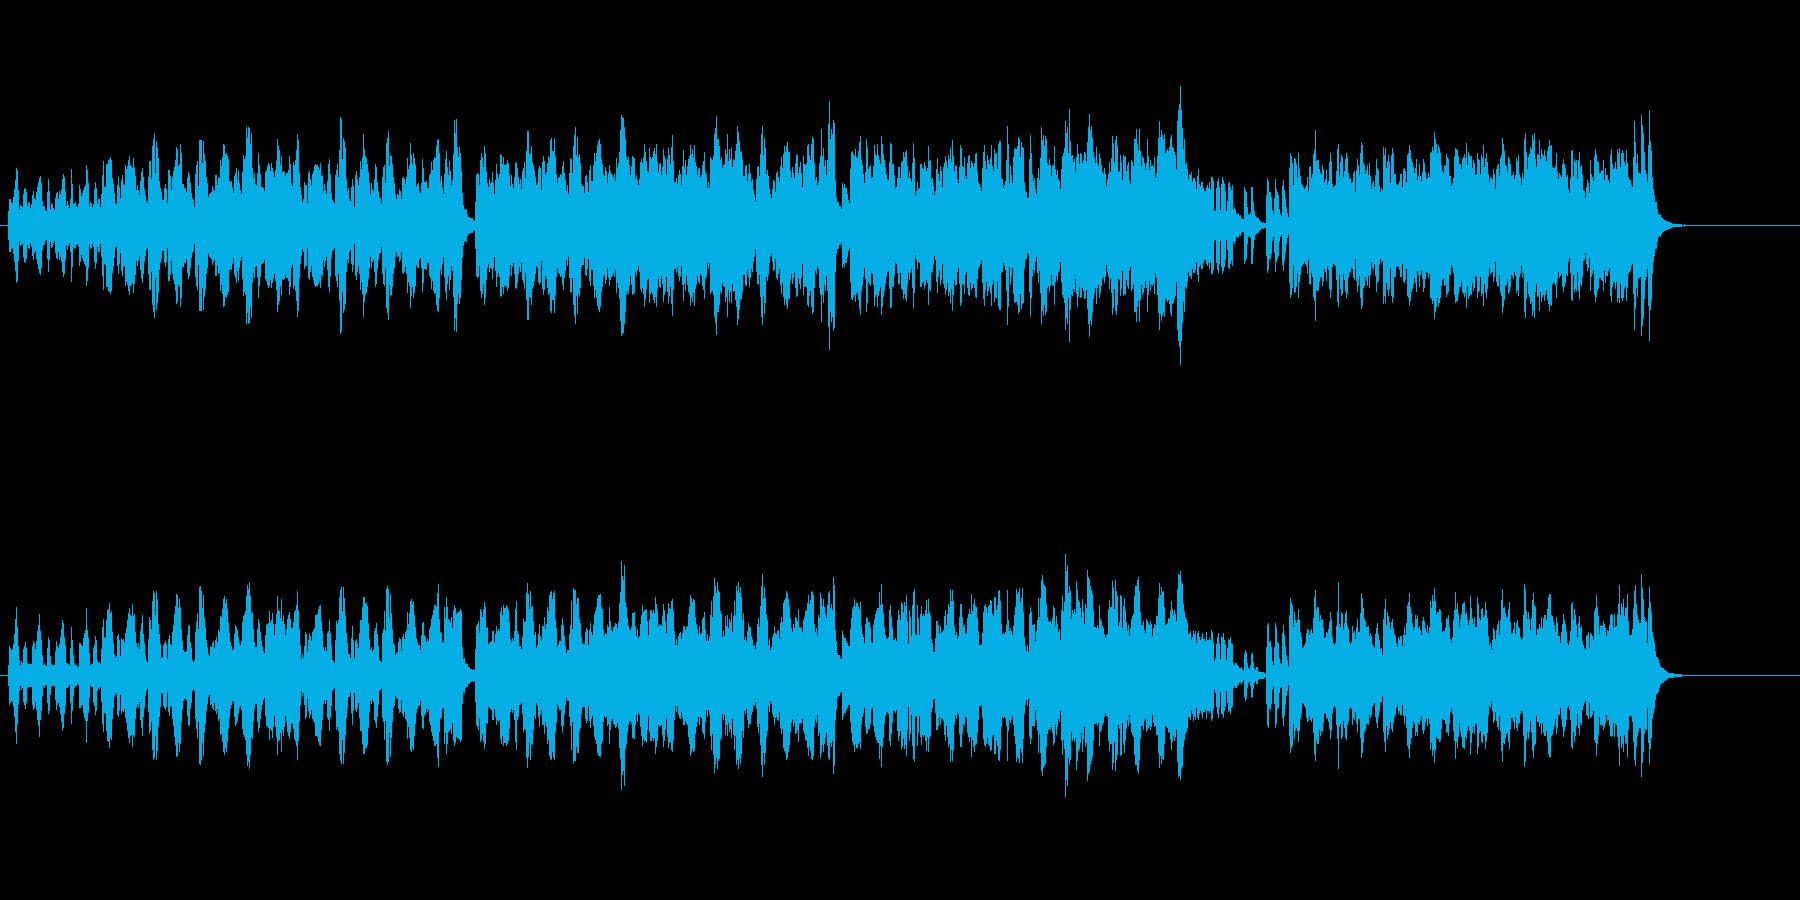 チャイルド・ミュージックの再生済みの波形